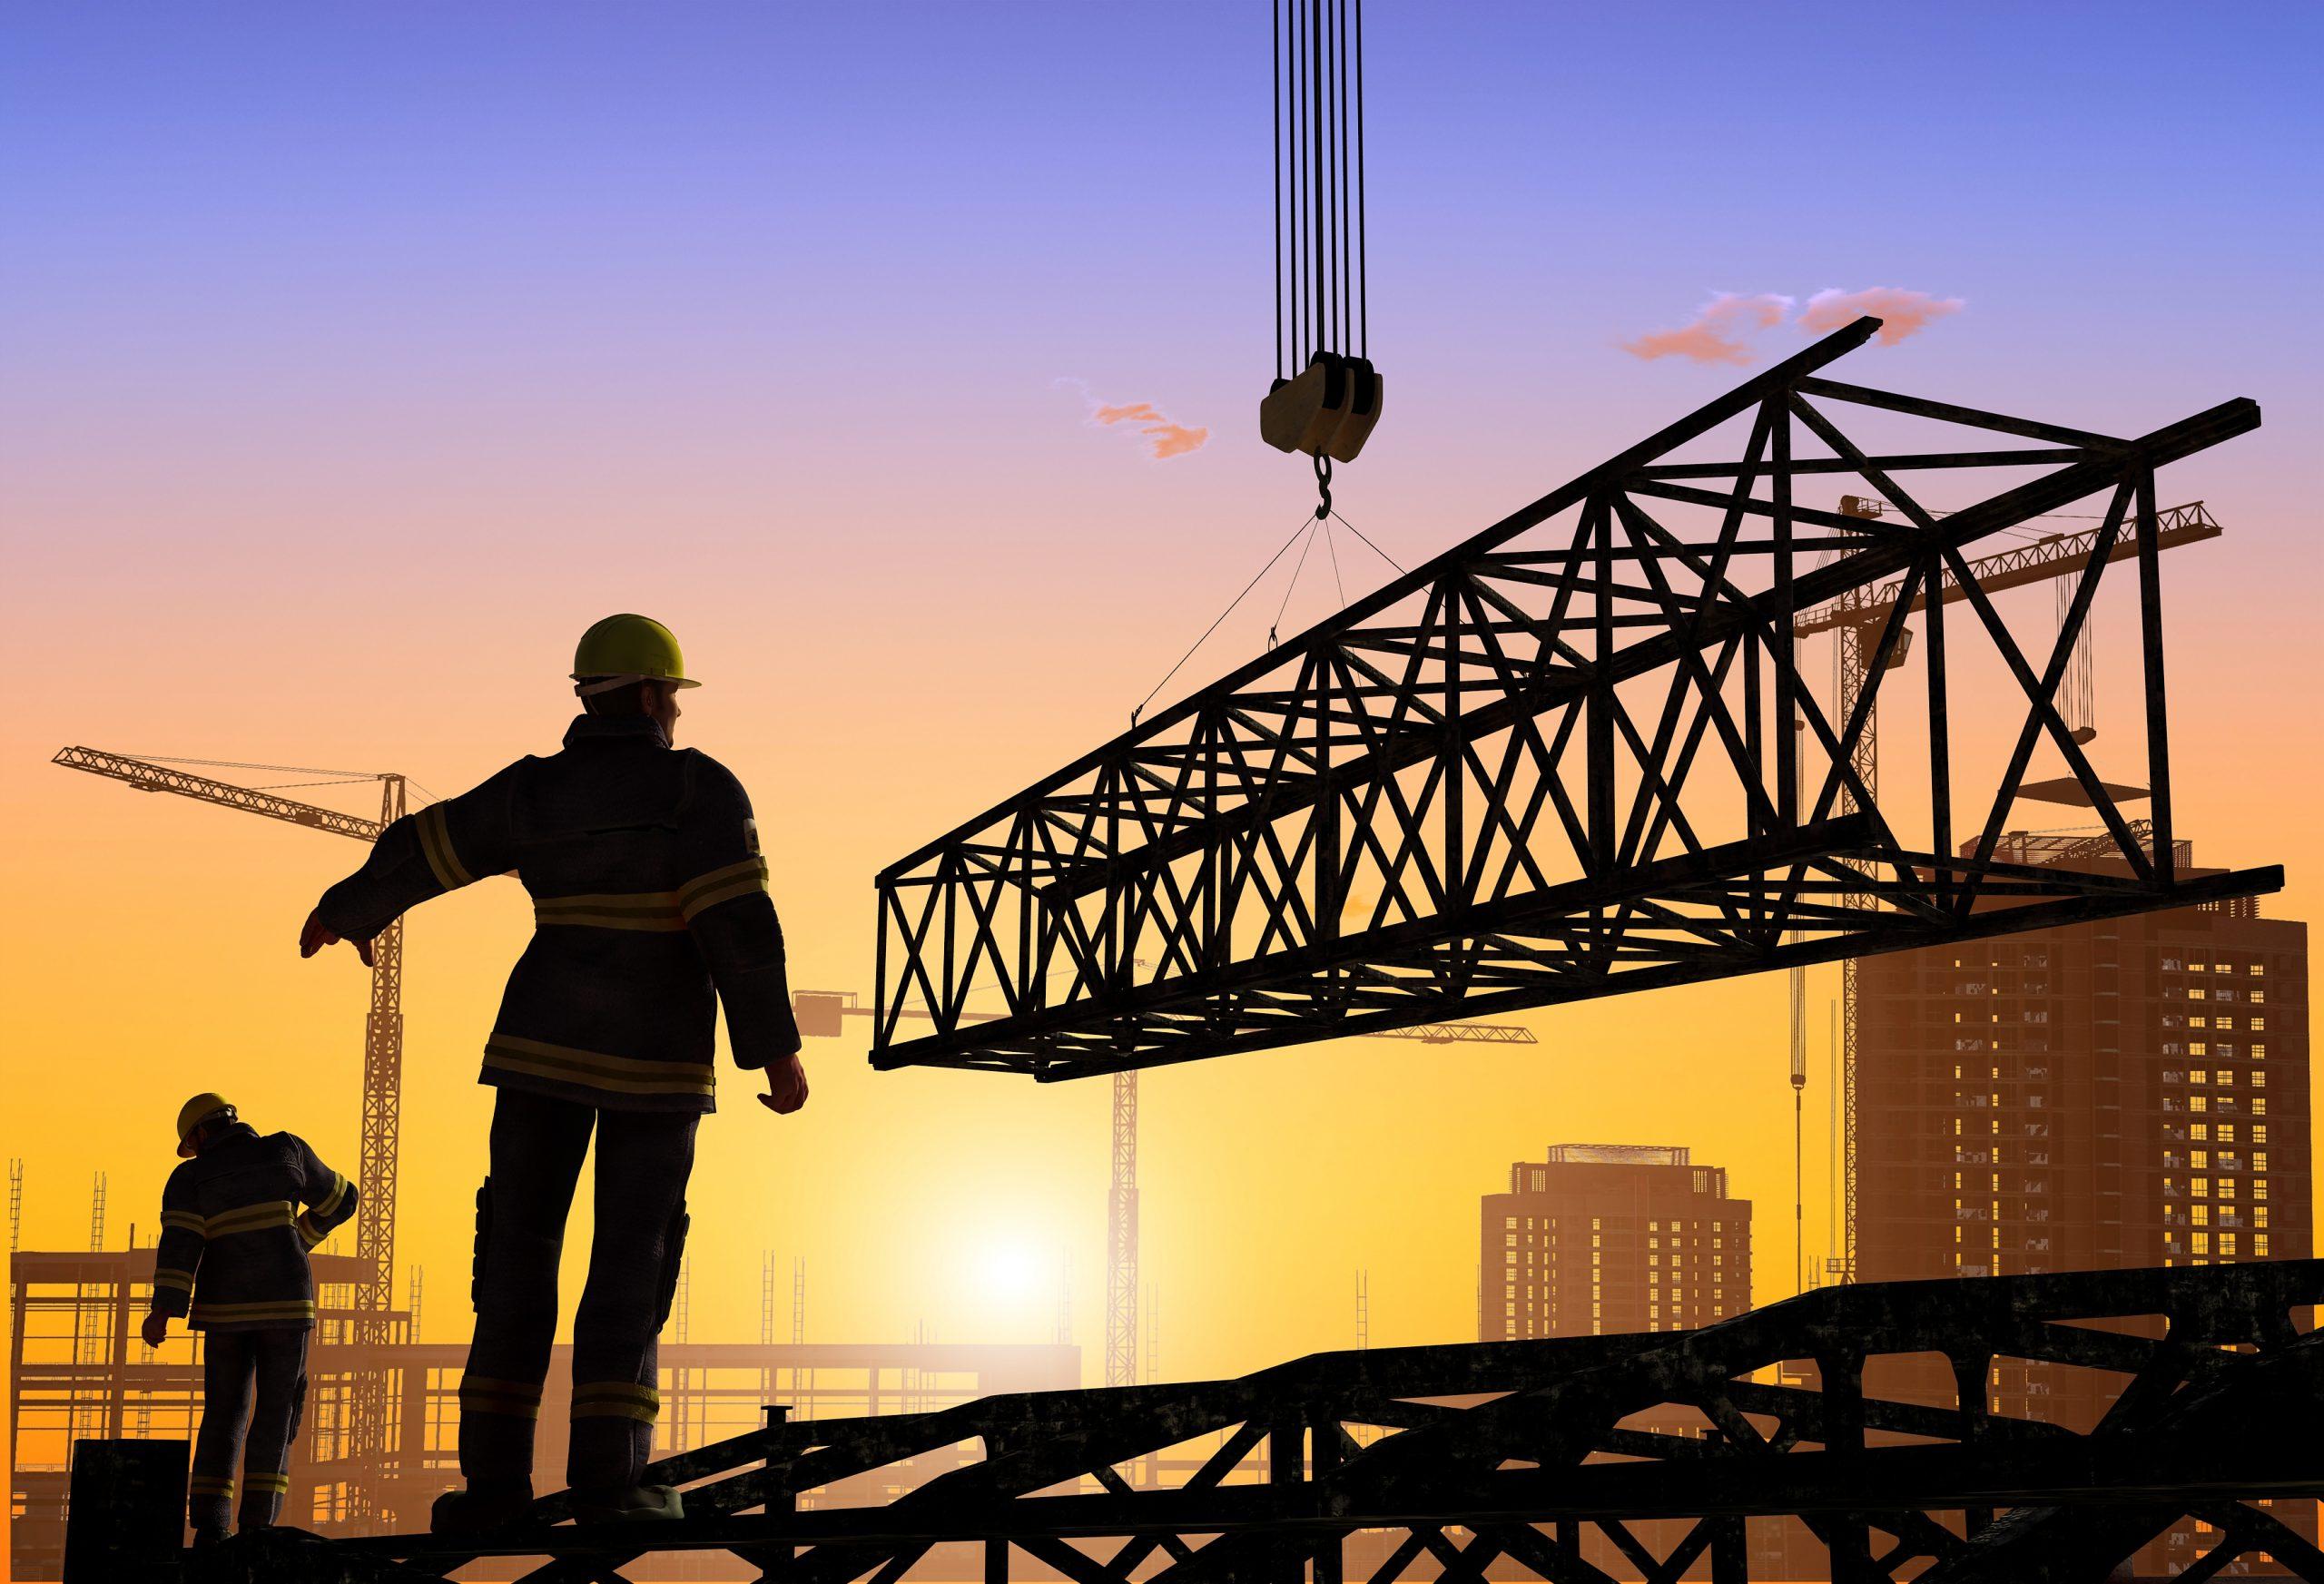 Gestão de risco na Engenharia: o que é e qual sua importância? | Entrevista 360 com Luiz Carlos Link